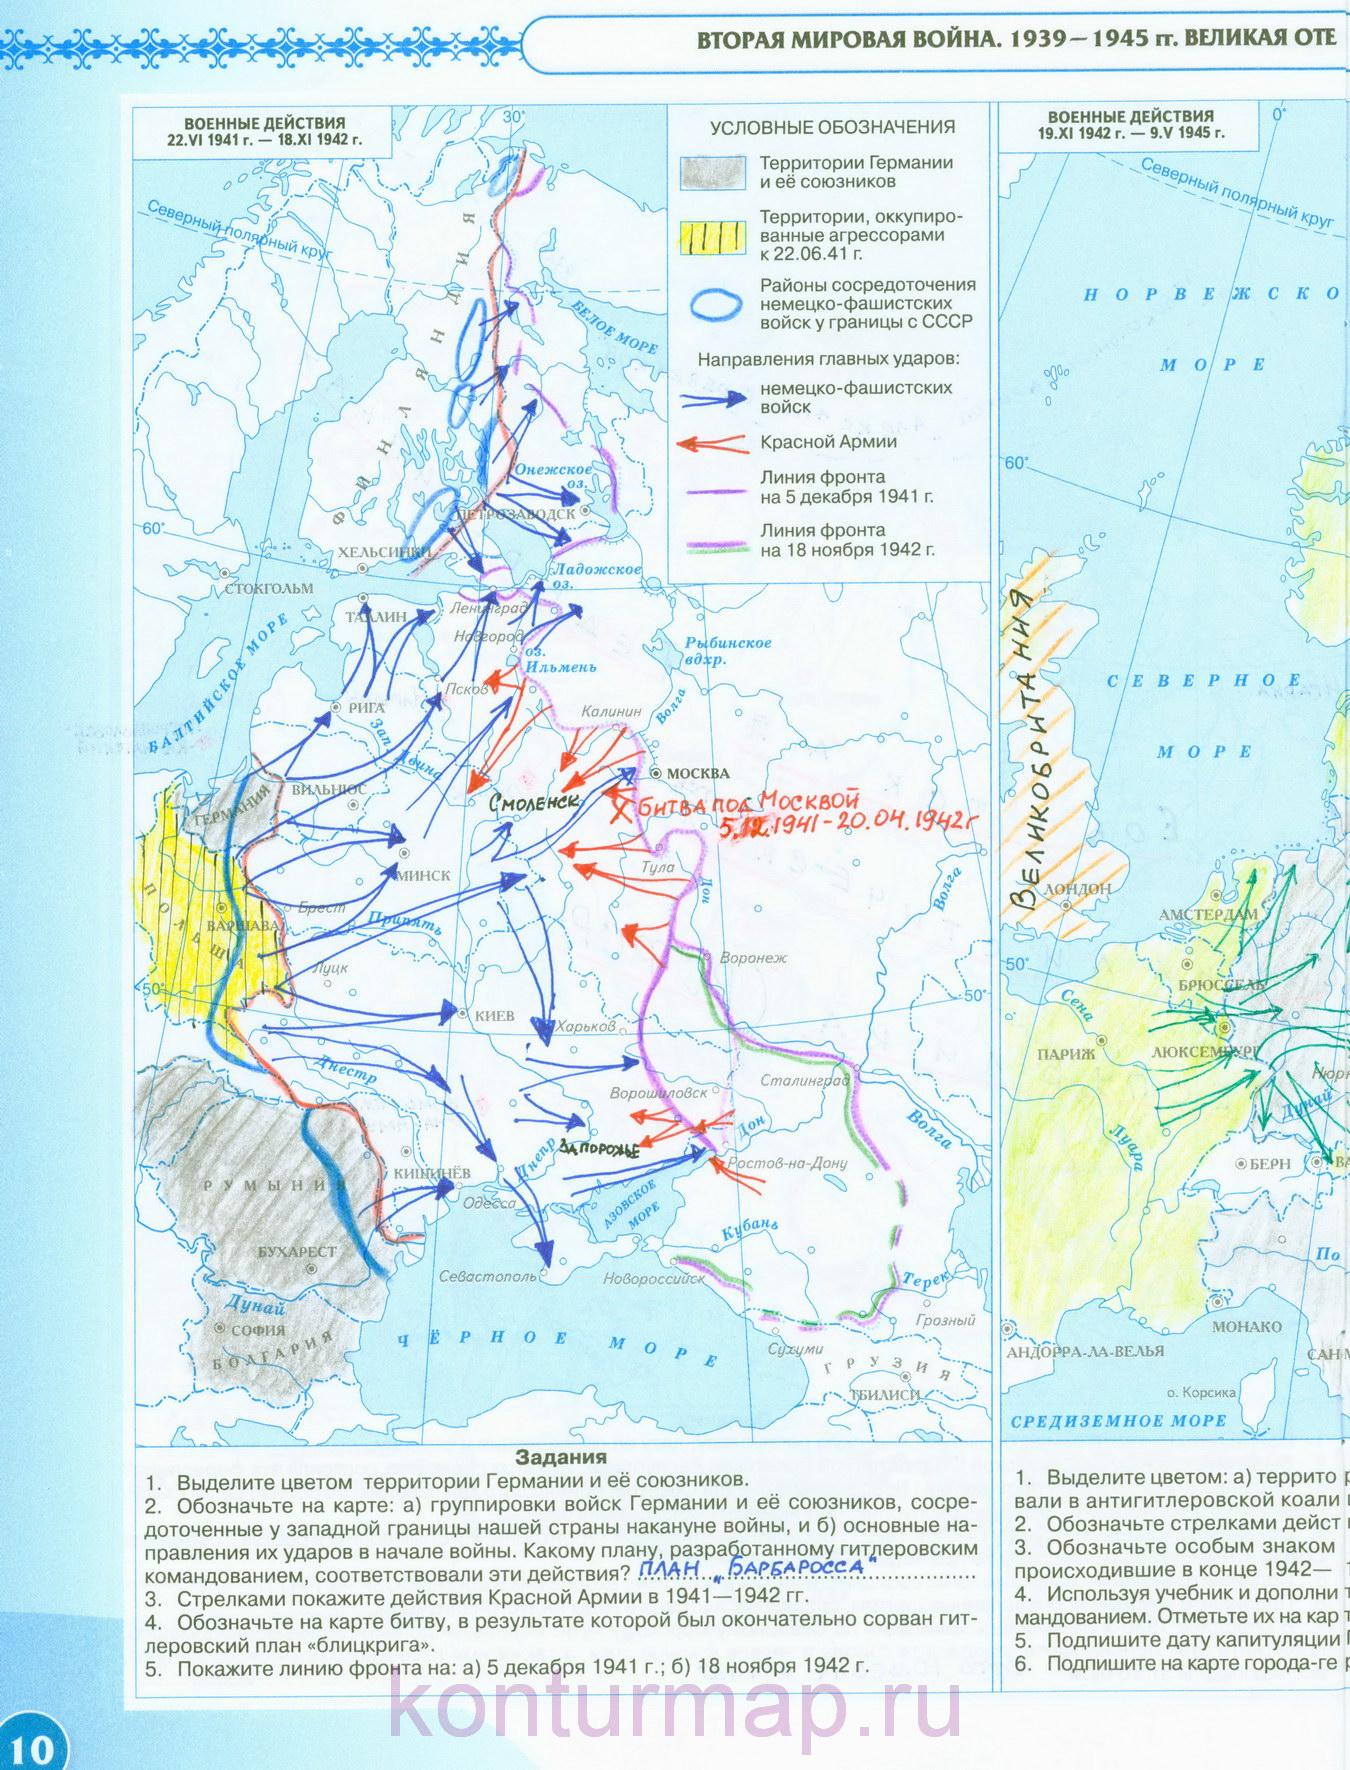 гдз контурные карты по истории 9 класс дрофа